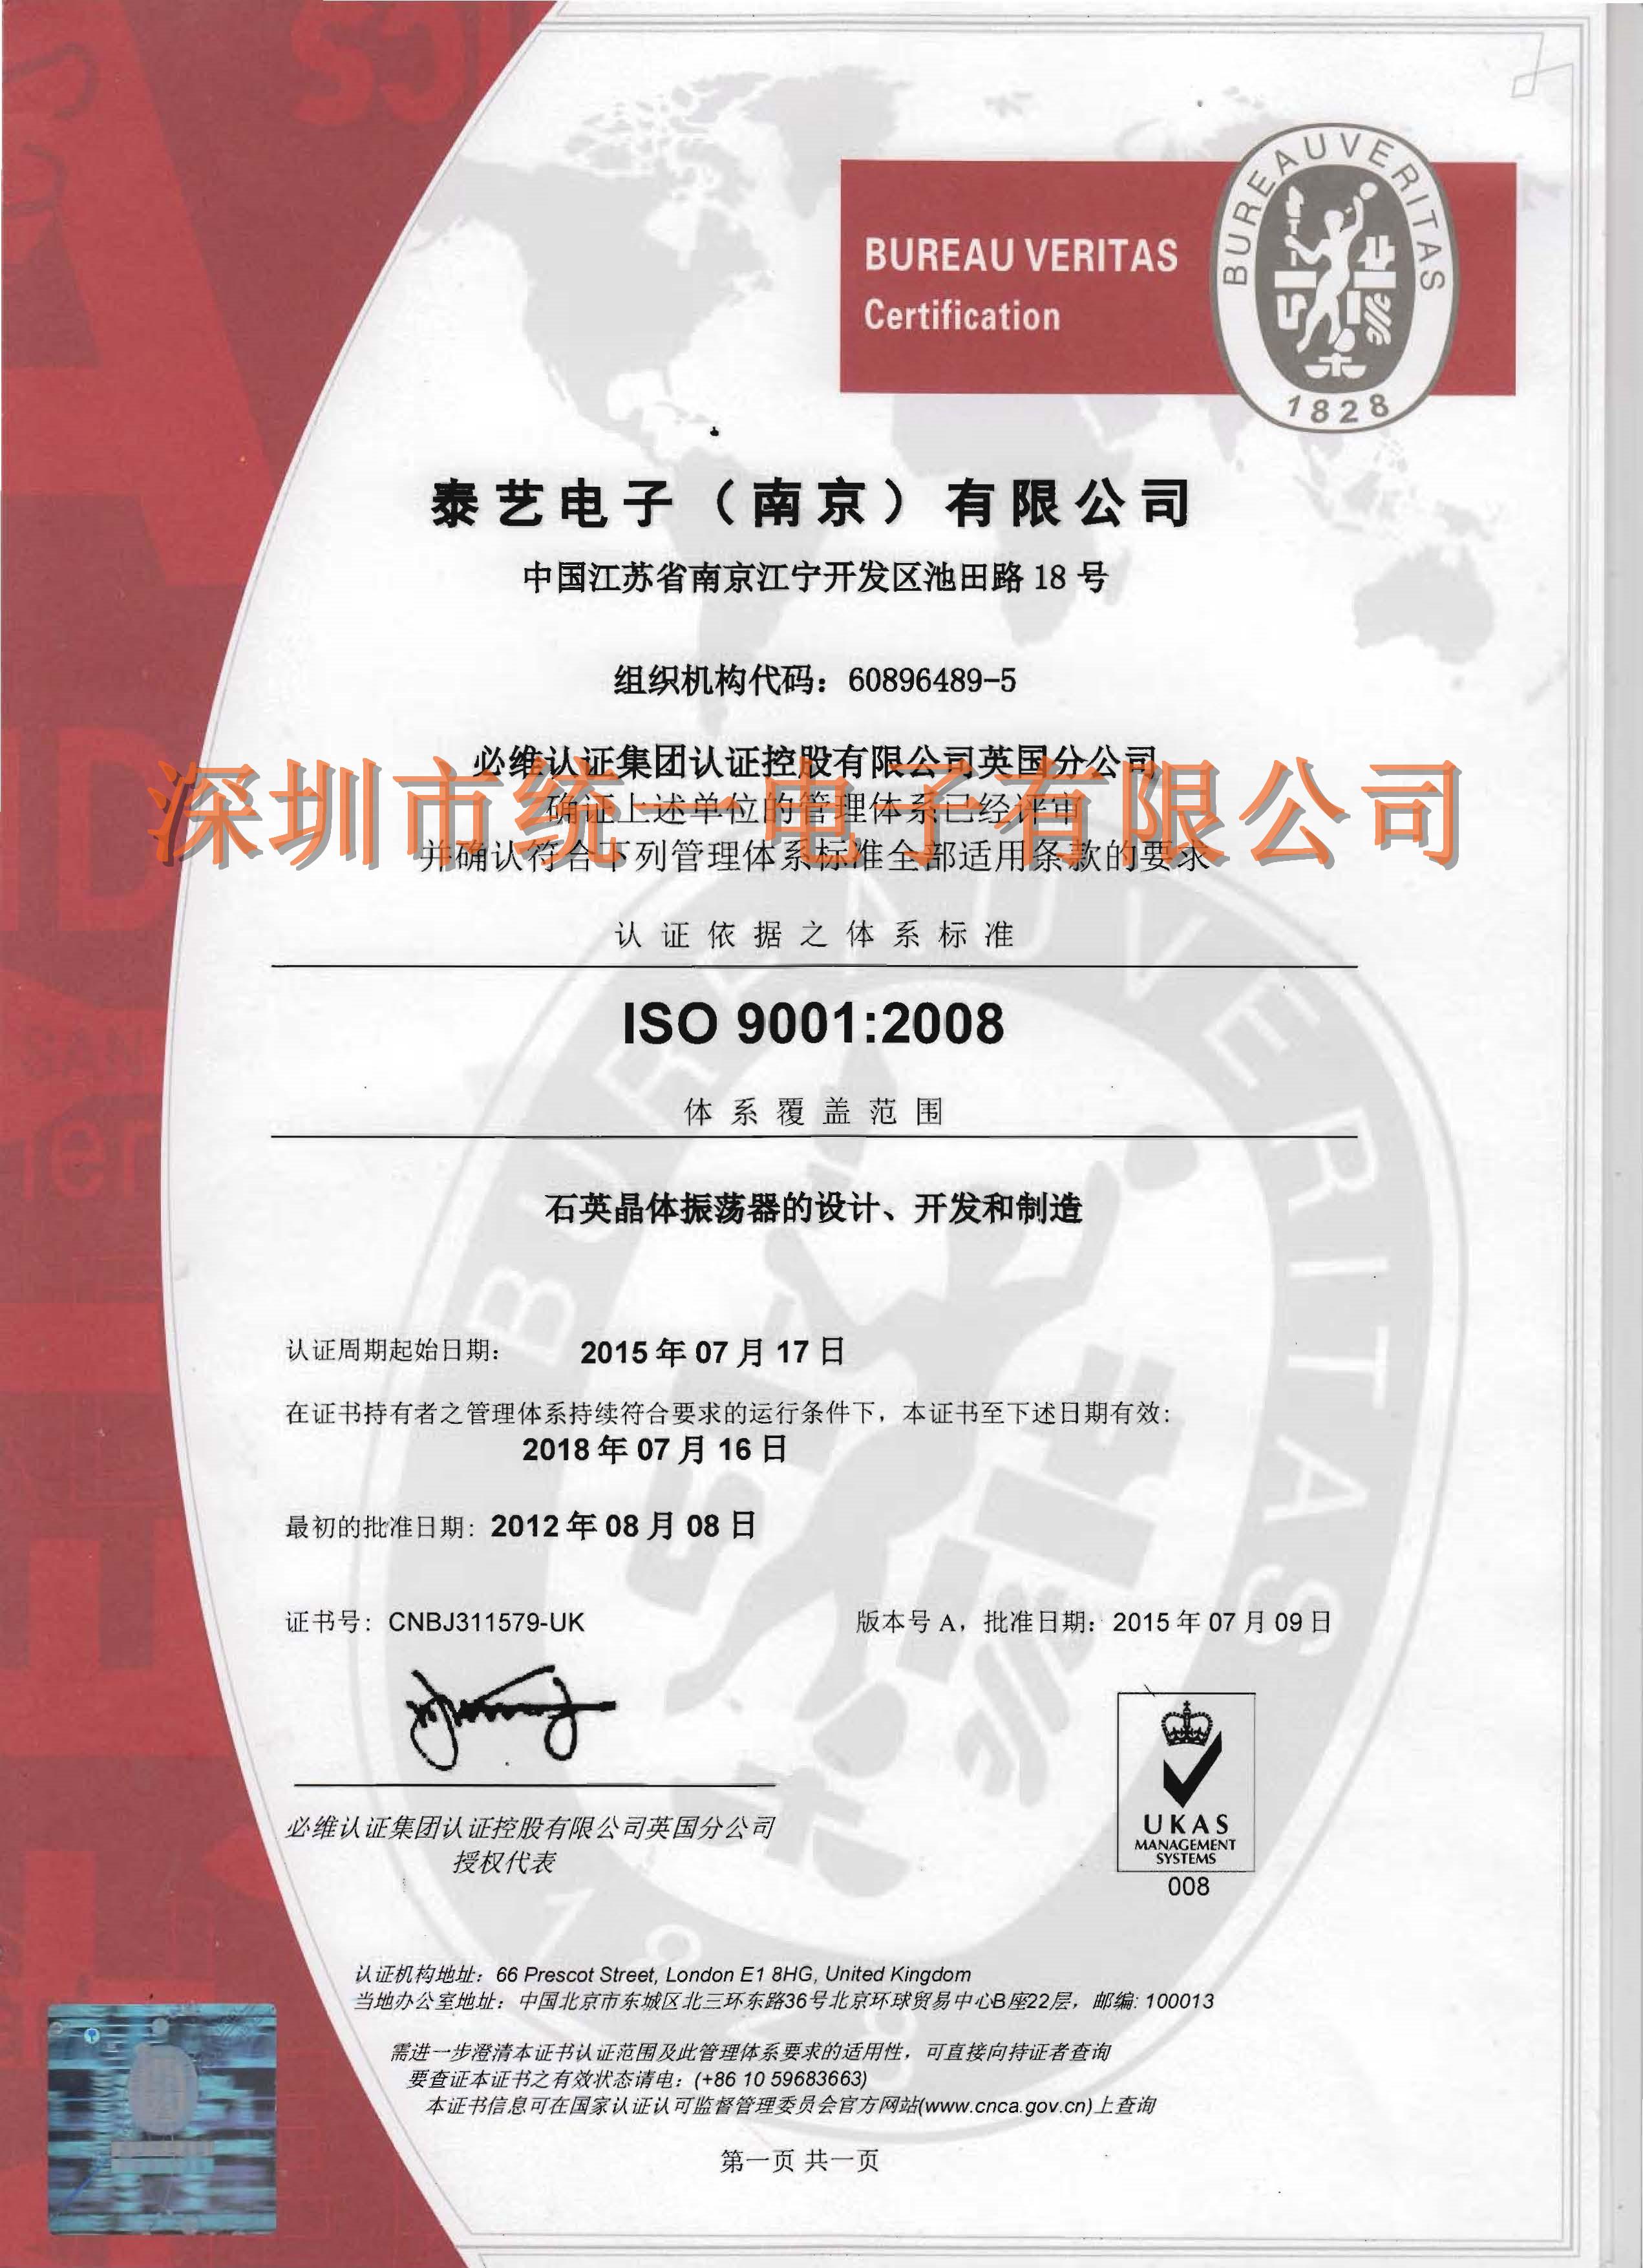 泰艺晶振(南京)公司ISO9001环保认证